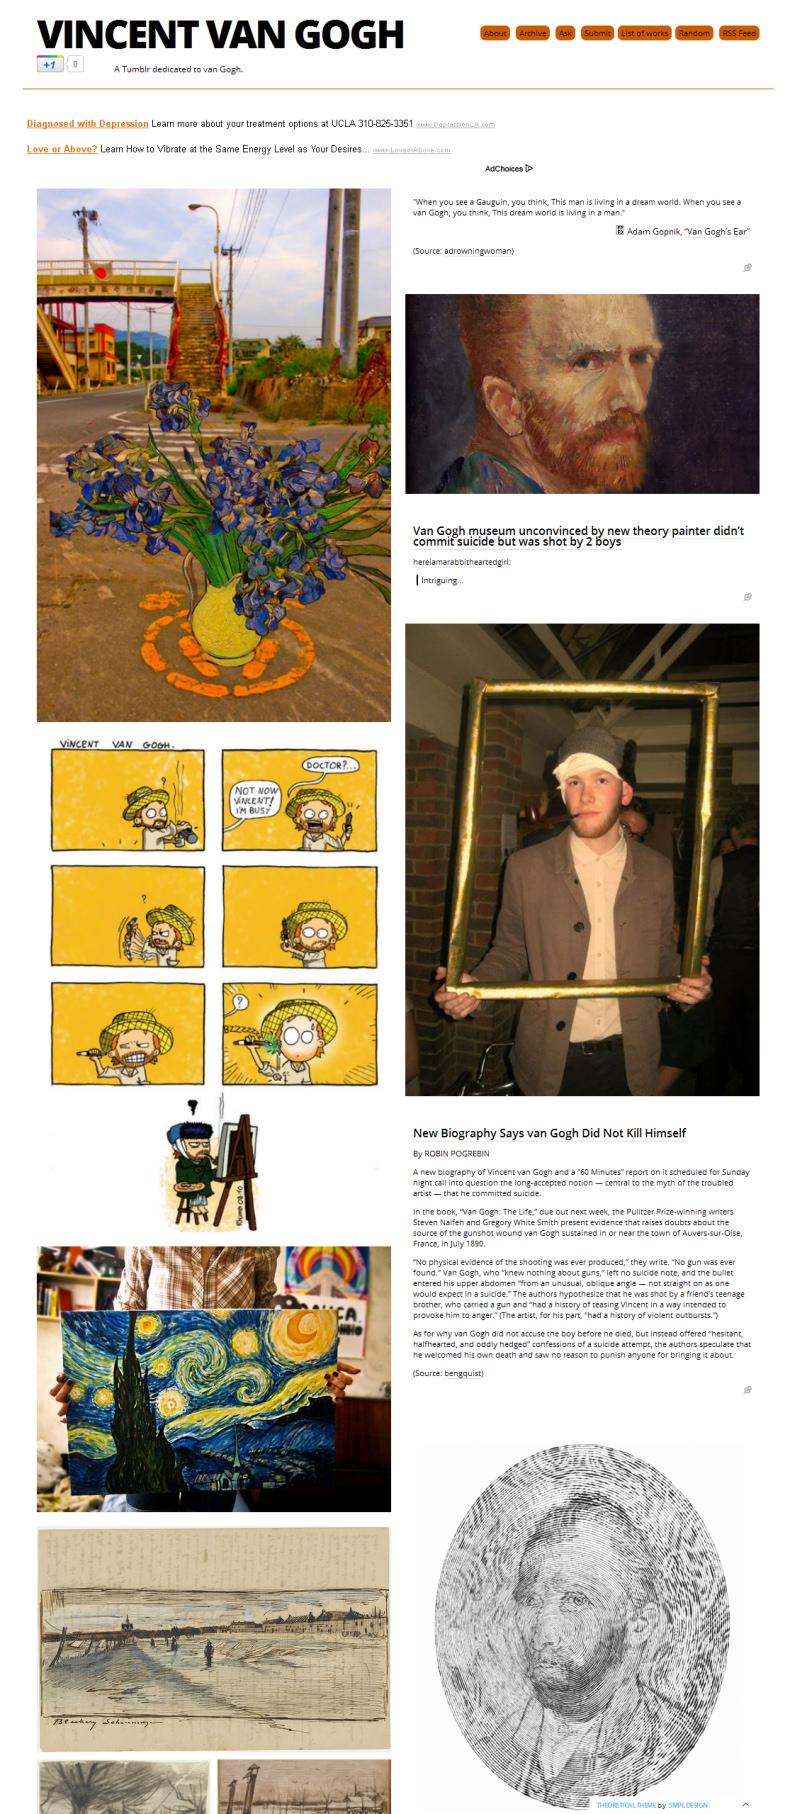 Scott Lickstein - All About Van Gogh - 2011